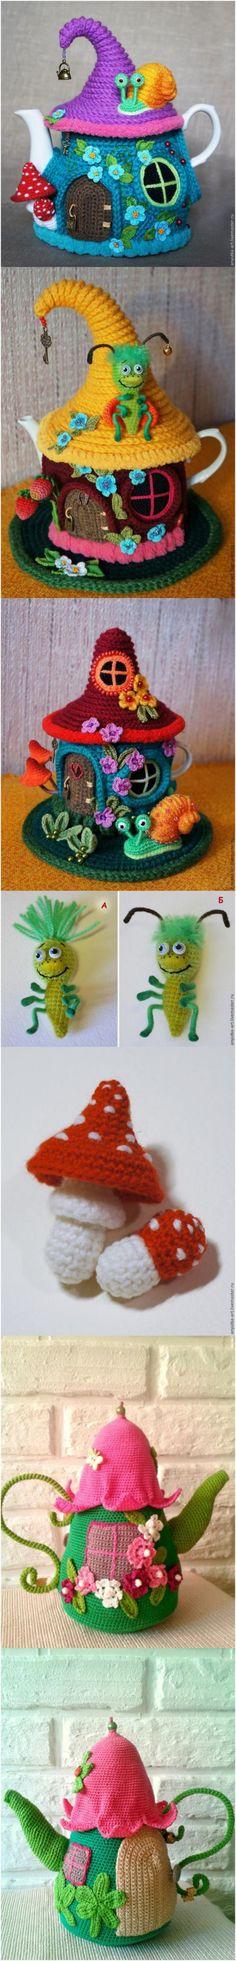 Crochet Tea Kettle Cover with Free Patterns #Crochet #Pattern #Free #Cozy #Tea by paula.sloan.16